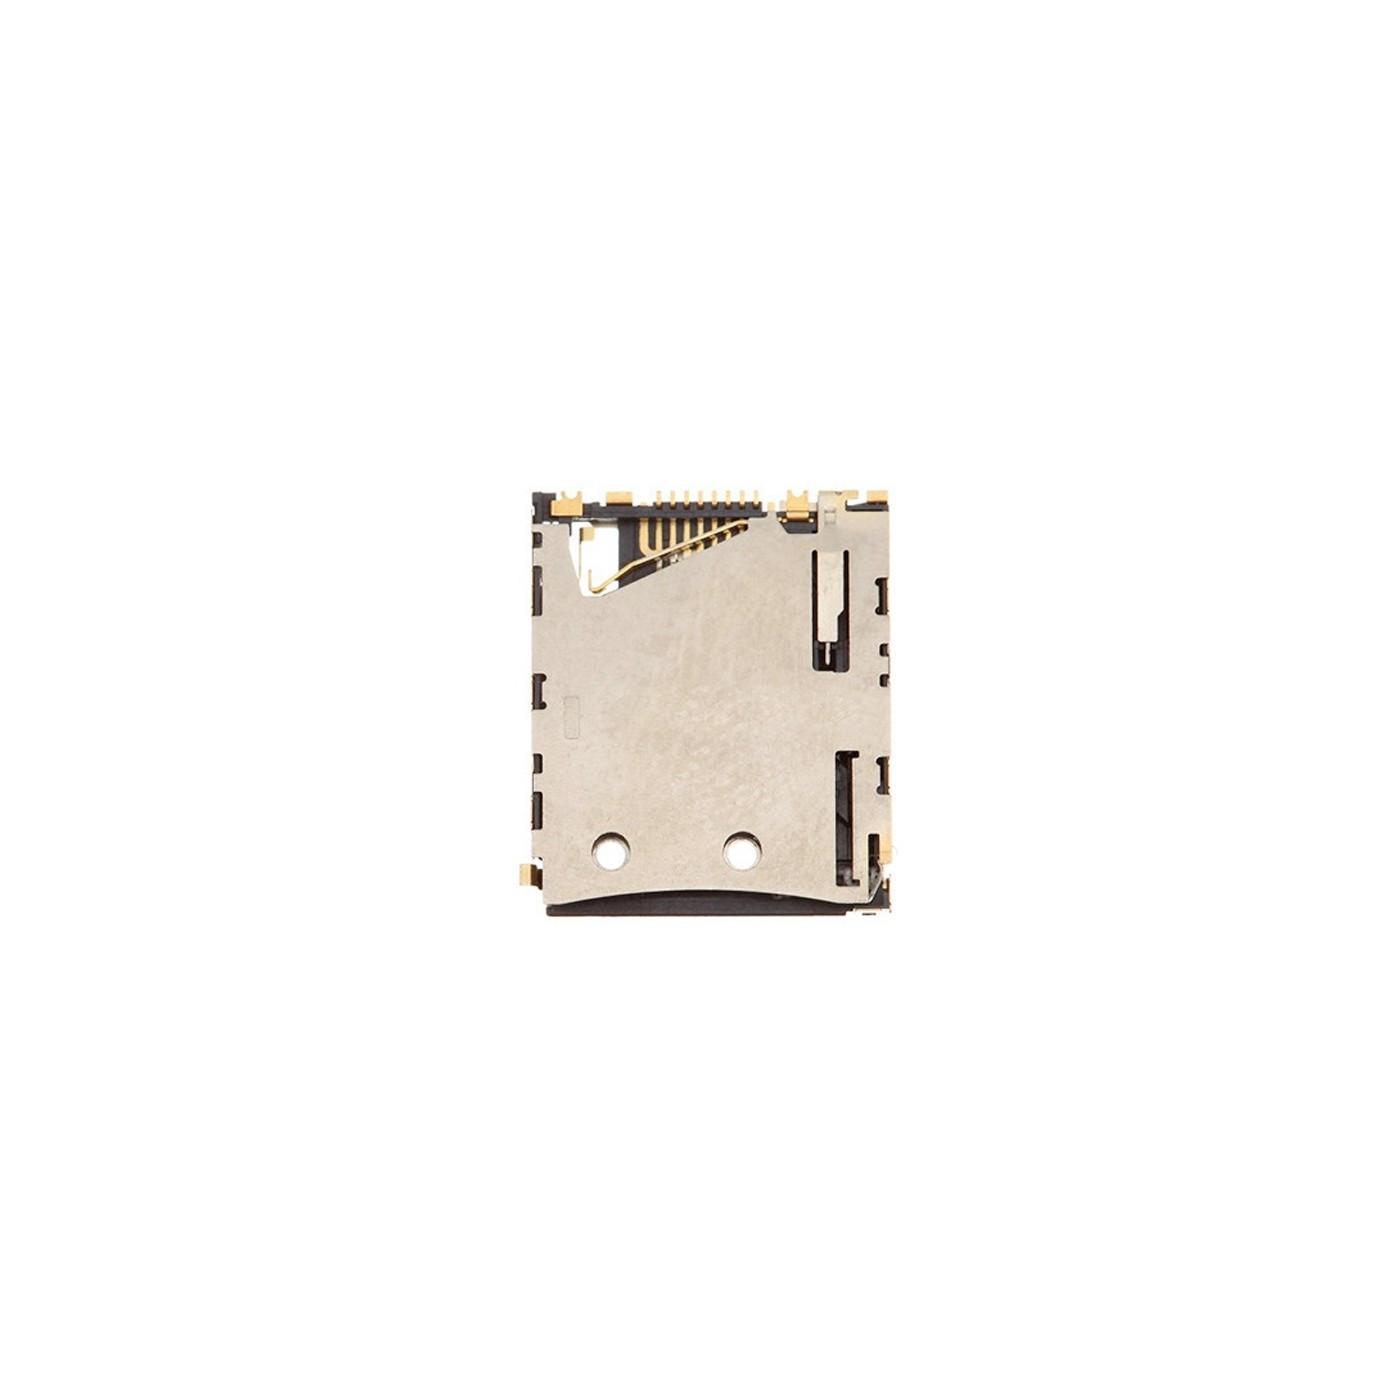 Lettore micro sd card slot per Sony Xperia Z - LT36 - L36 - L36h